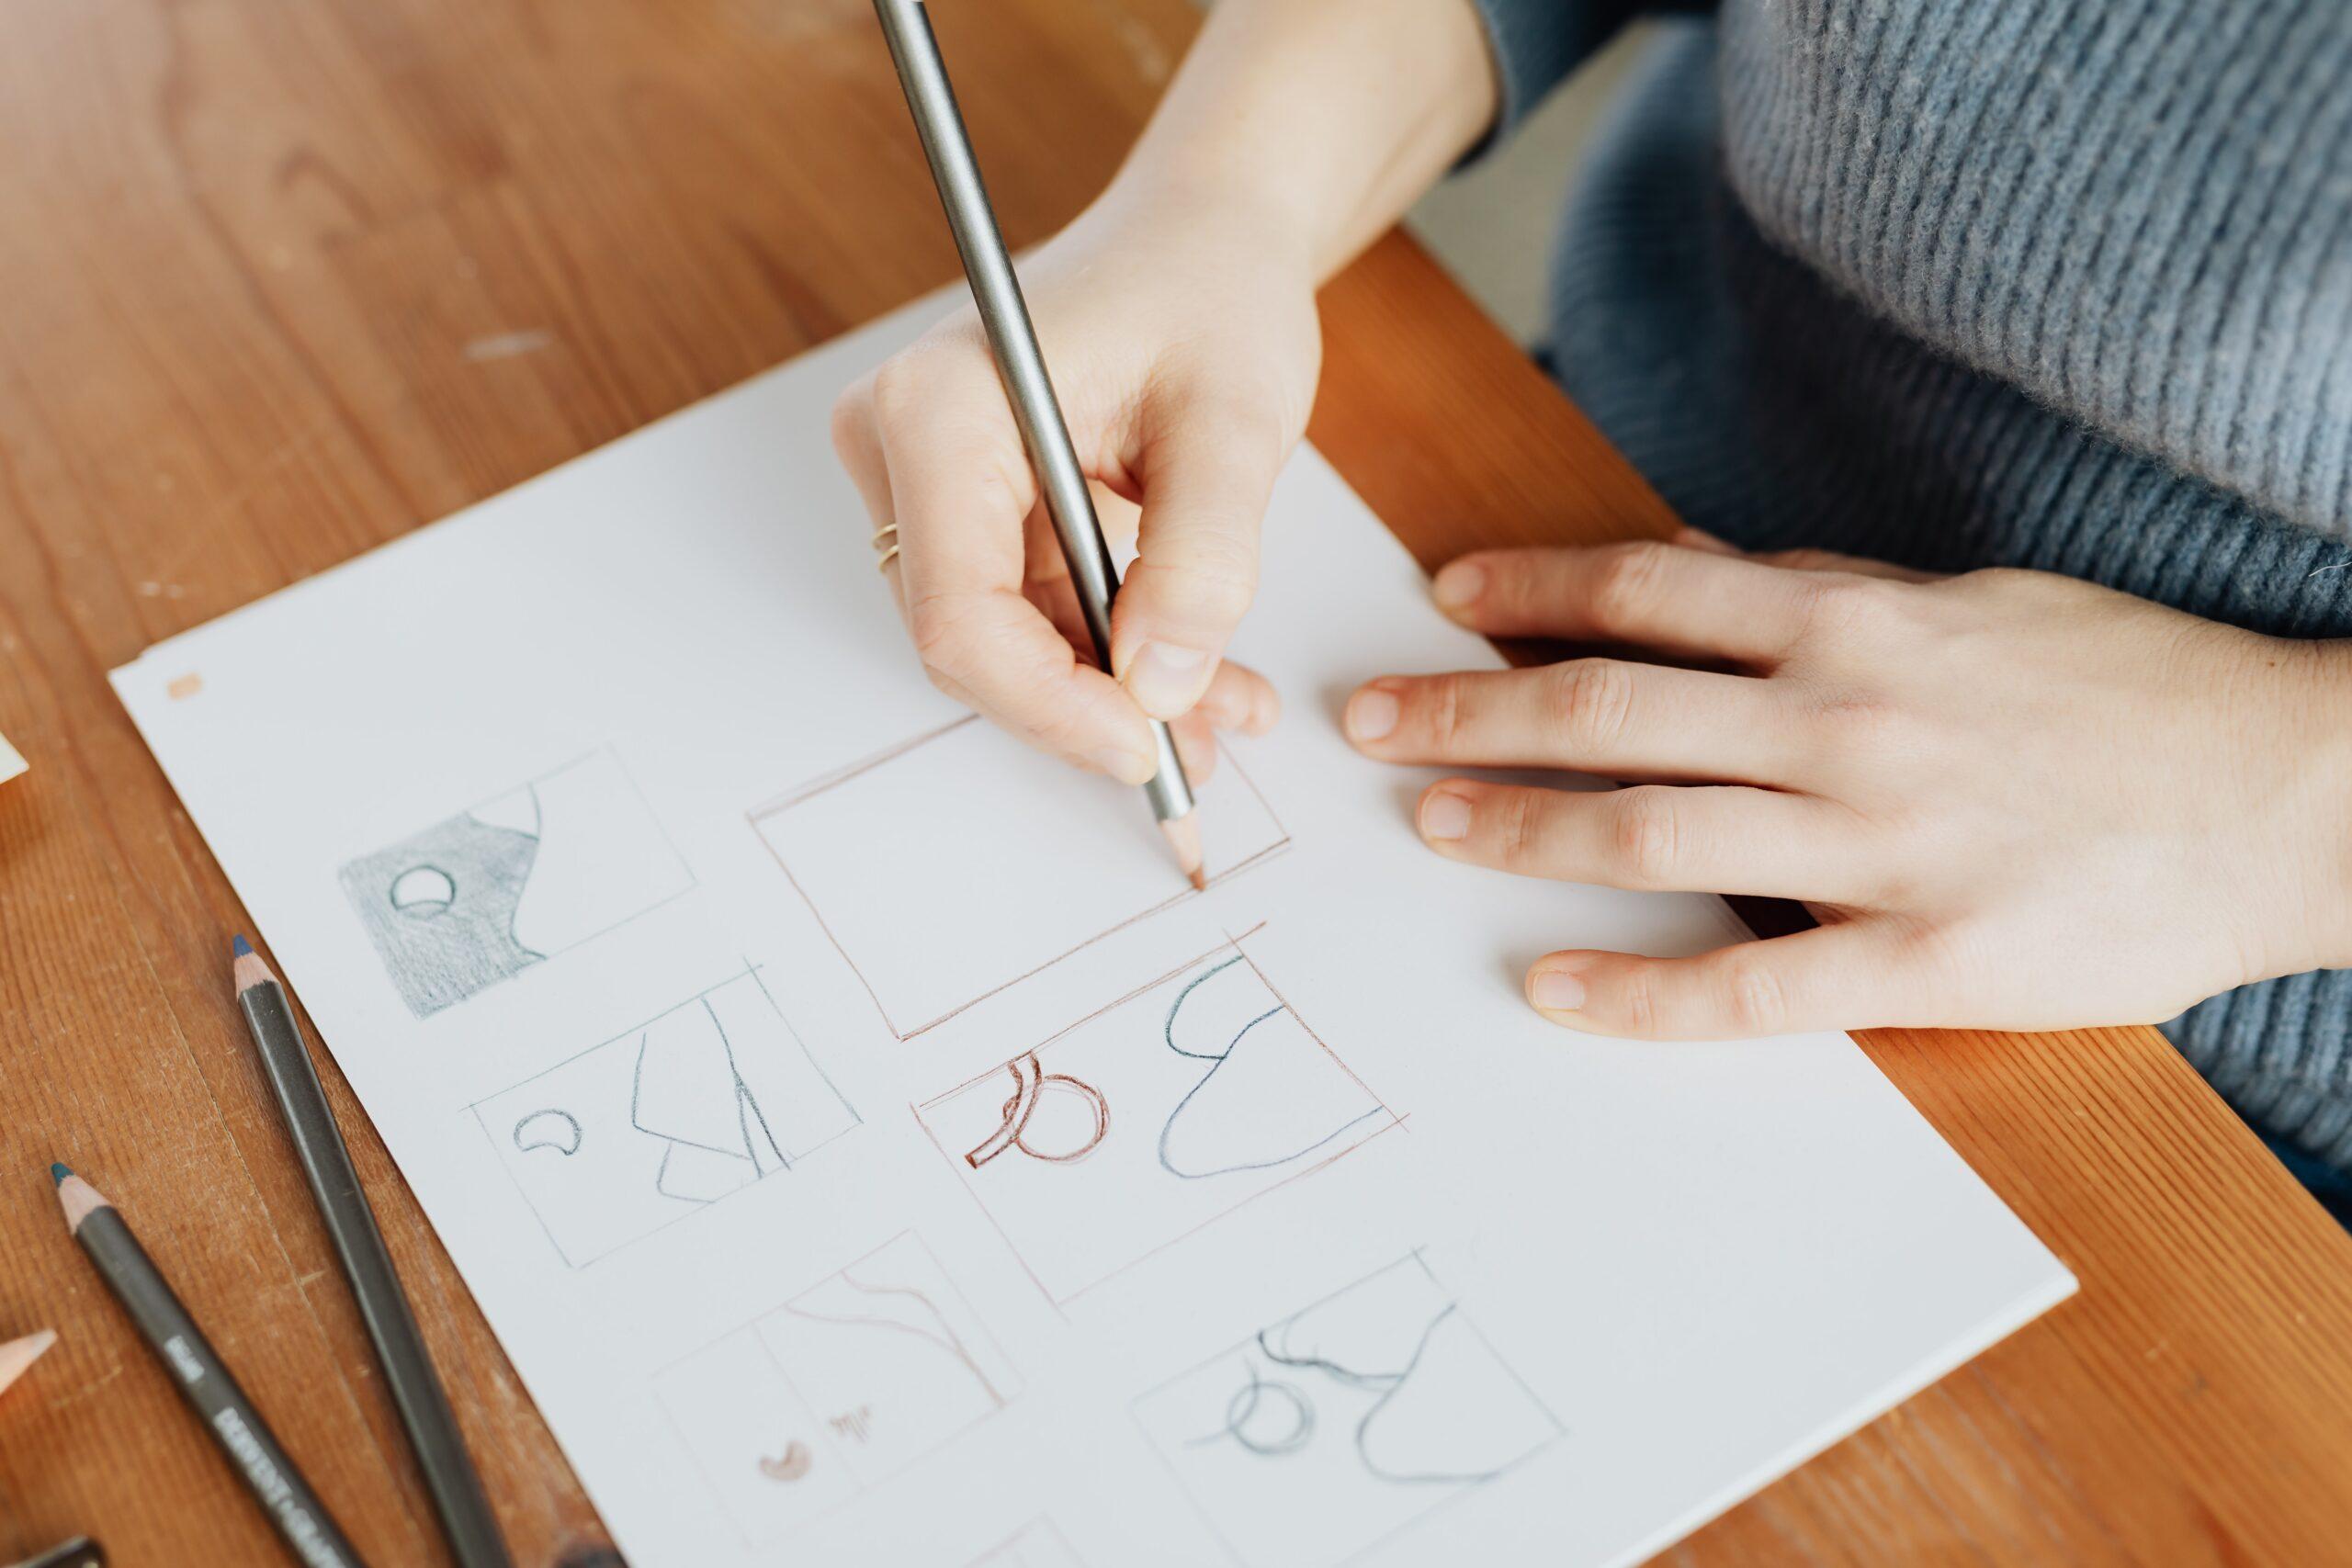 Progettare: dal lampo di scrittura alla bozza